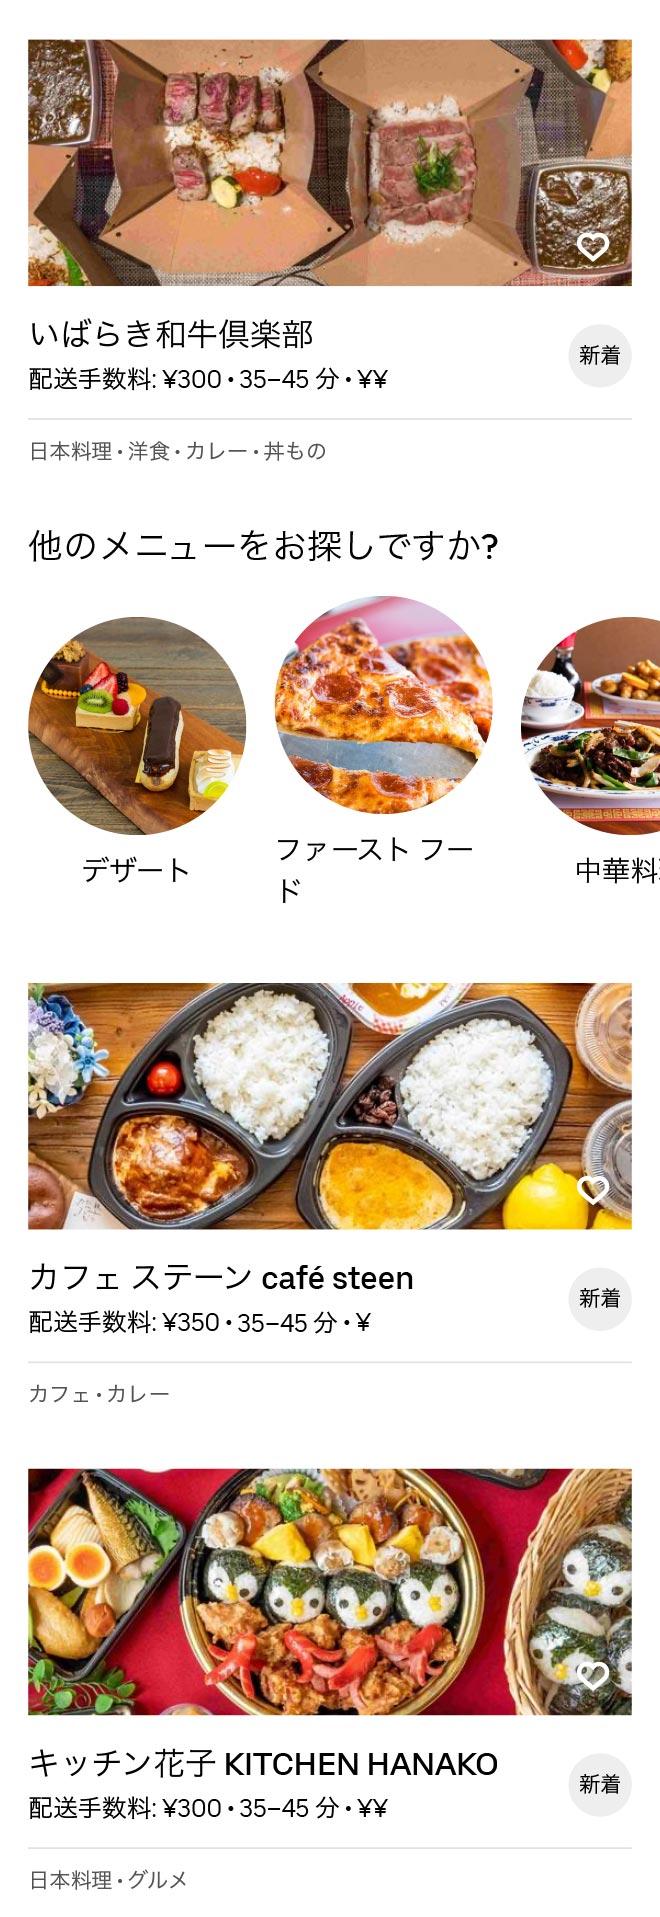 Handai byoin menu 2008 05